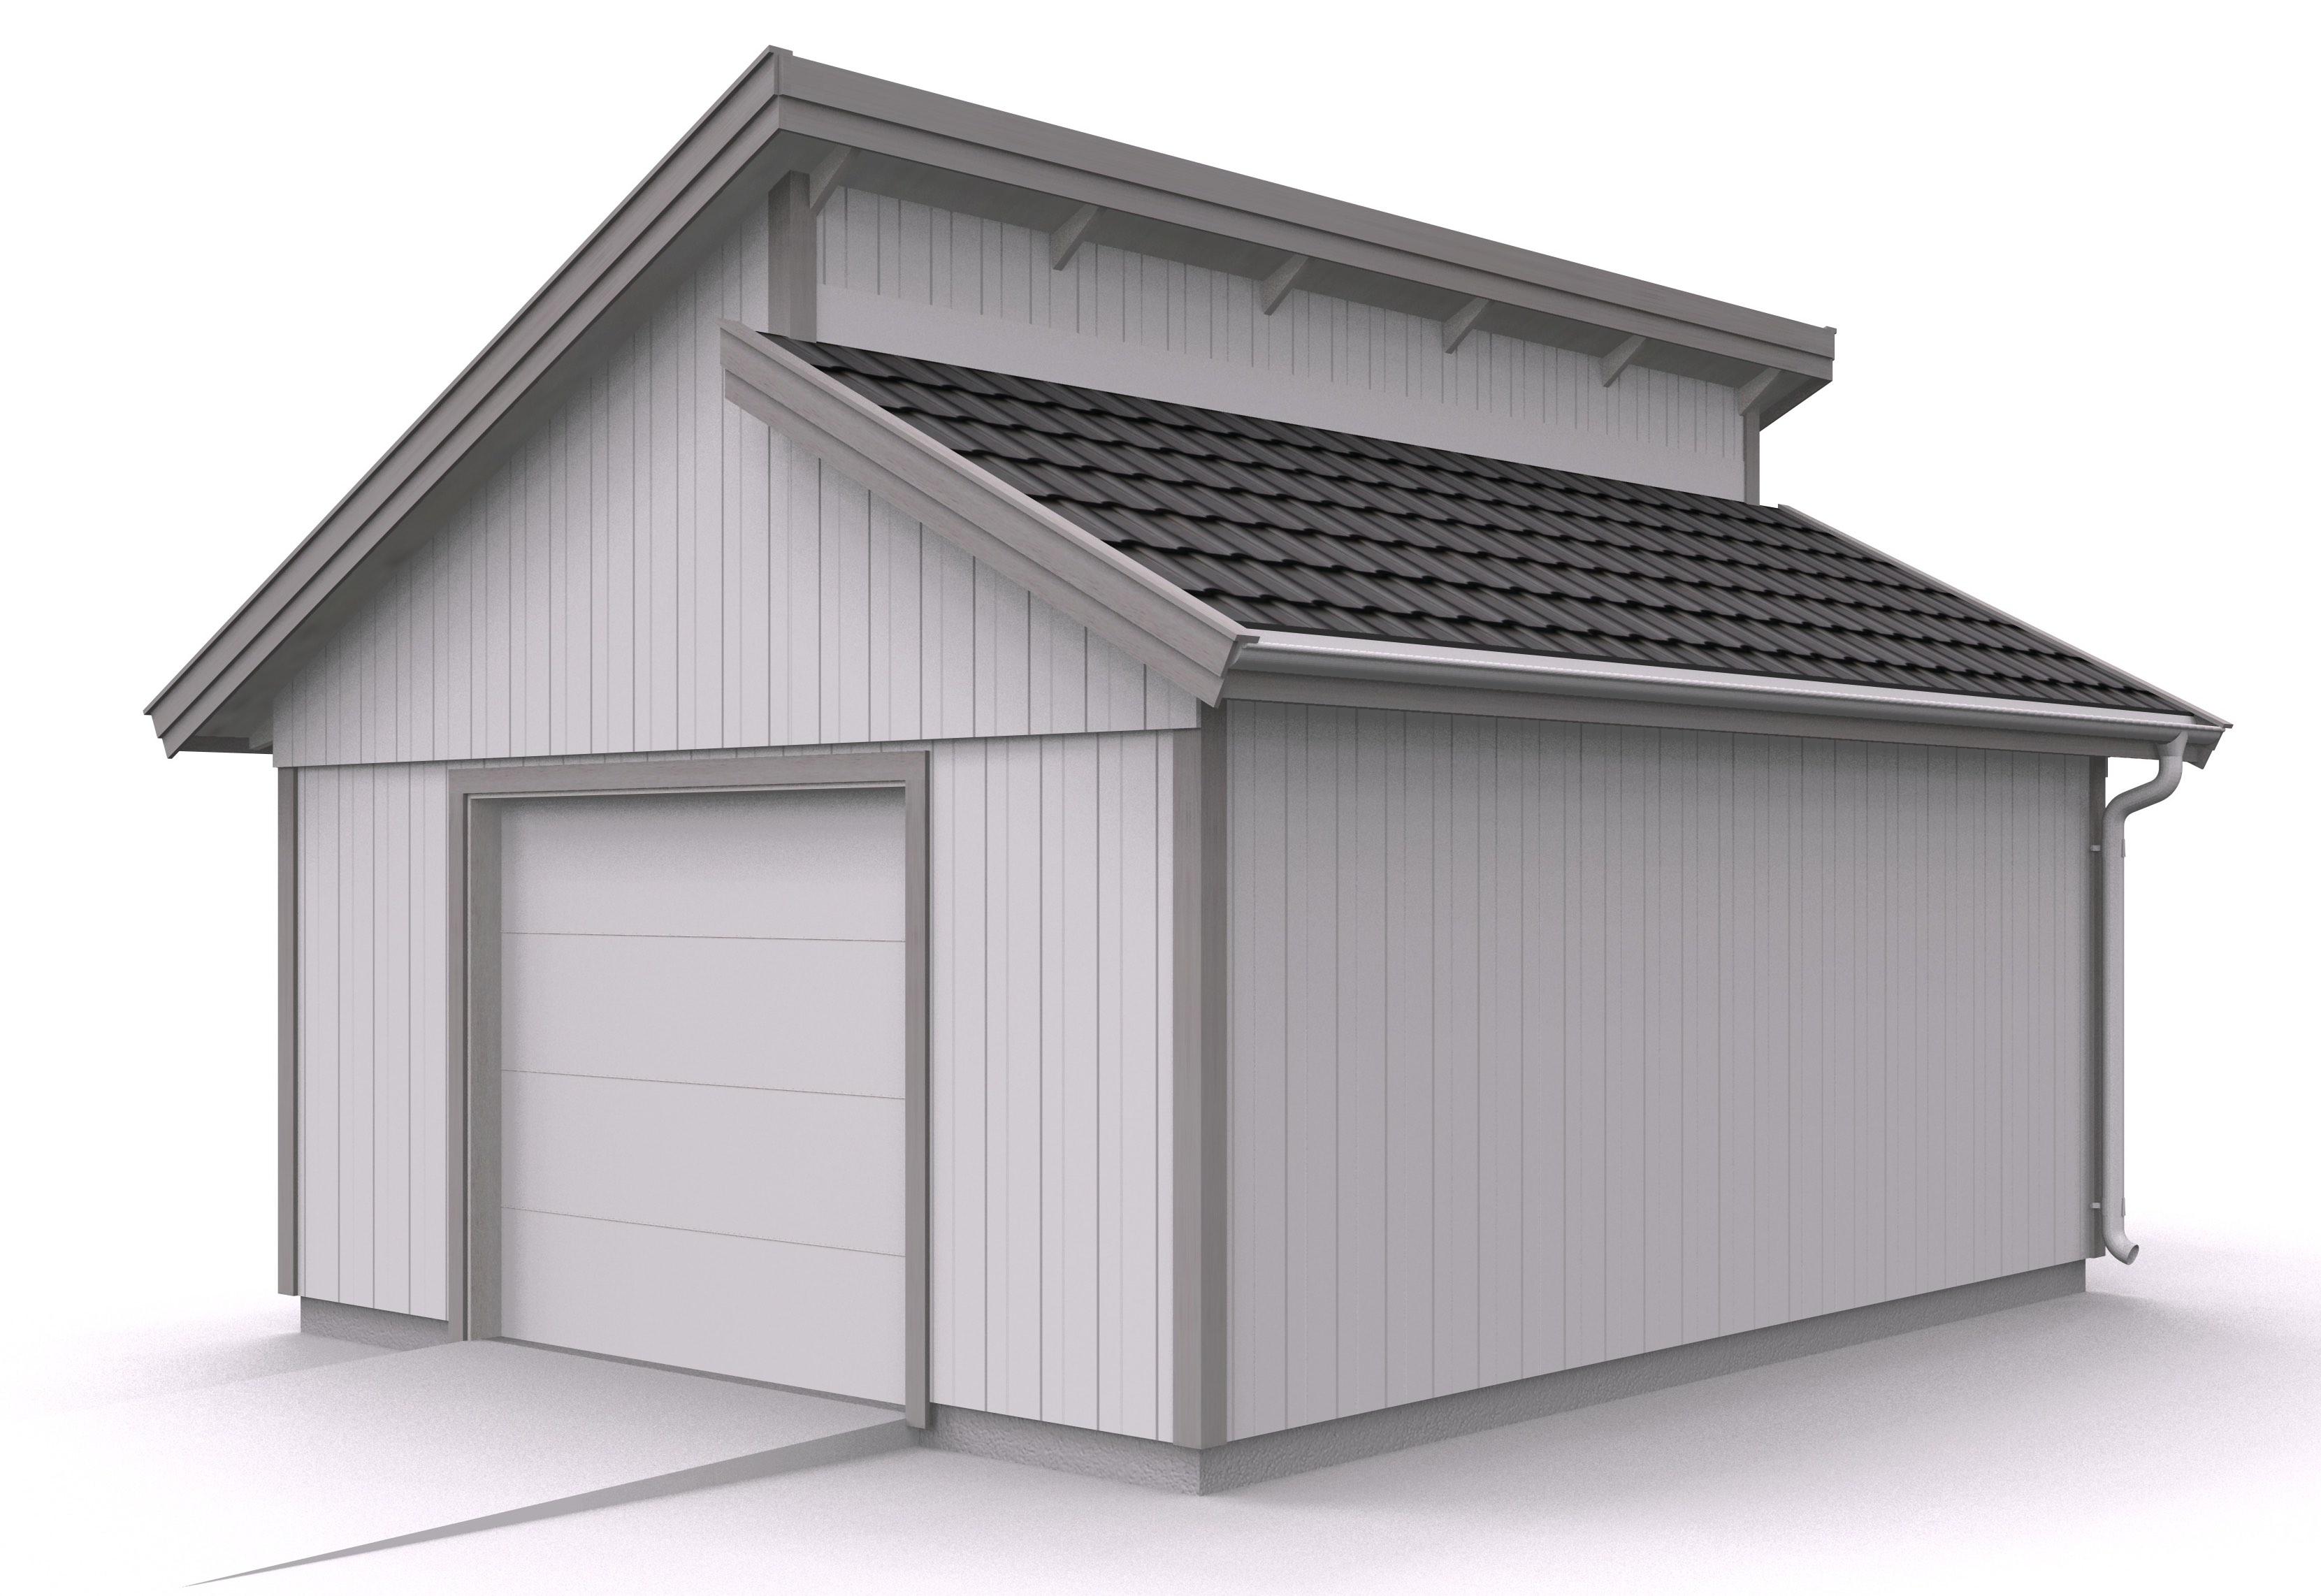 Våra garage - Enkelgarage med ryggställt pulpettak